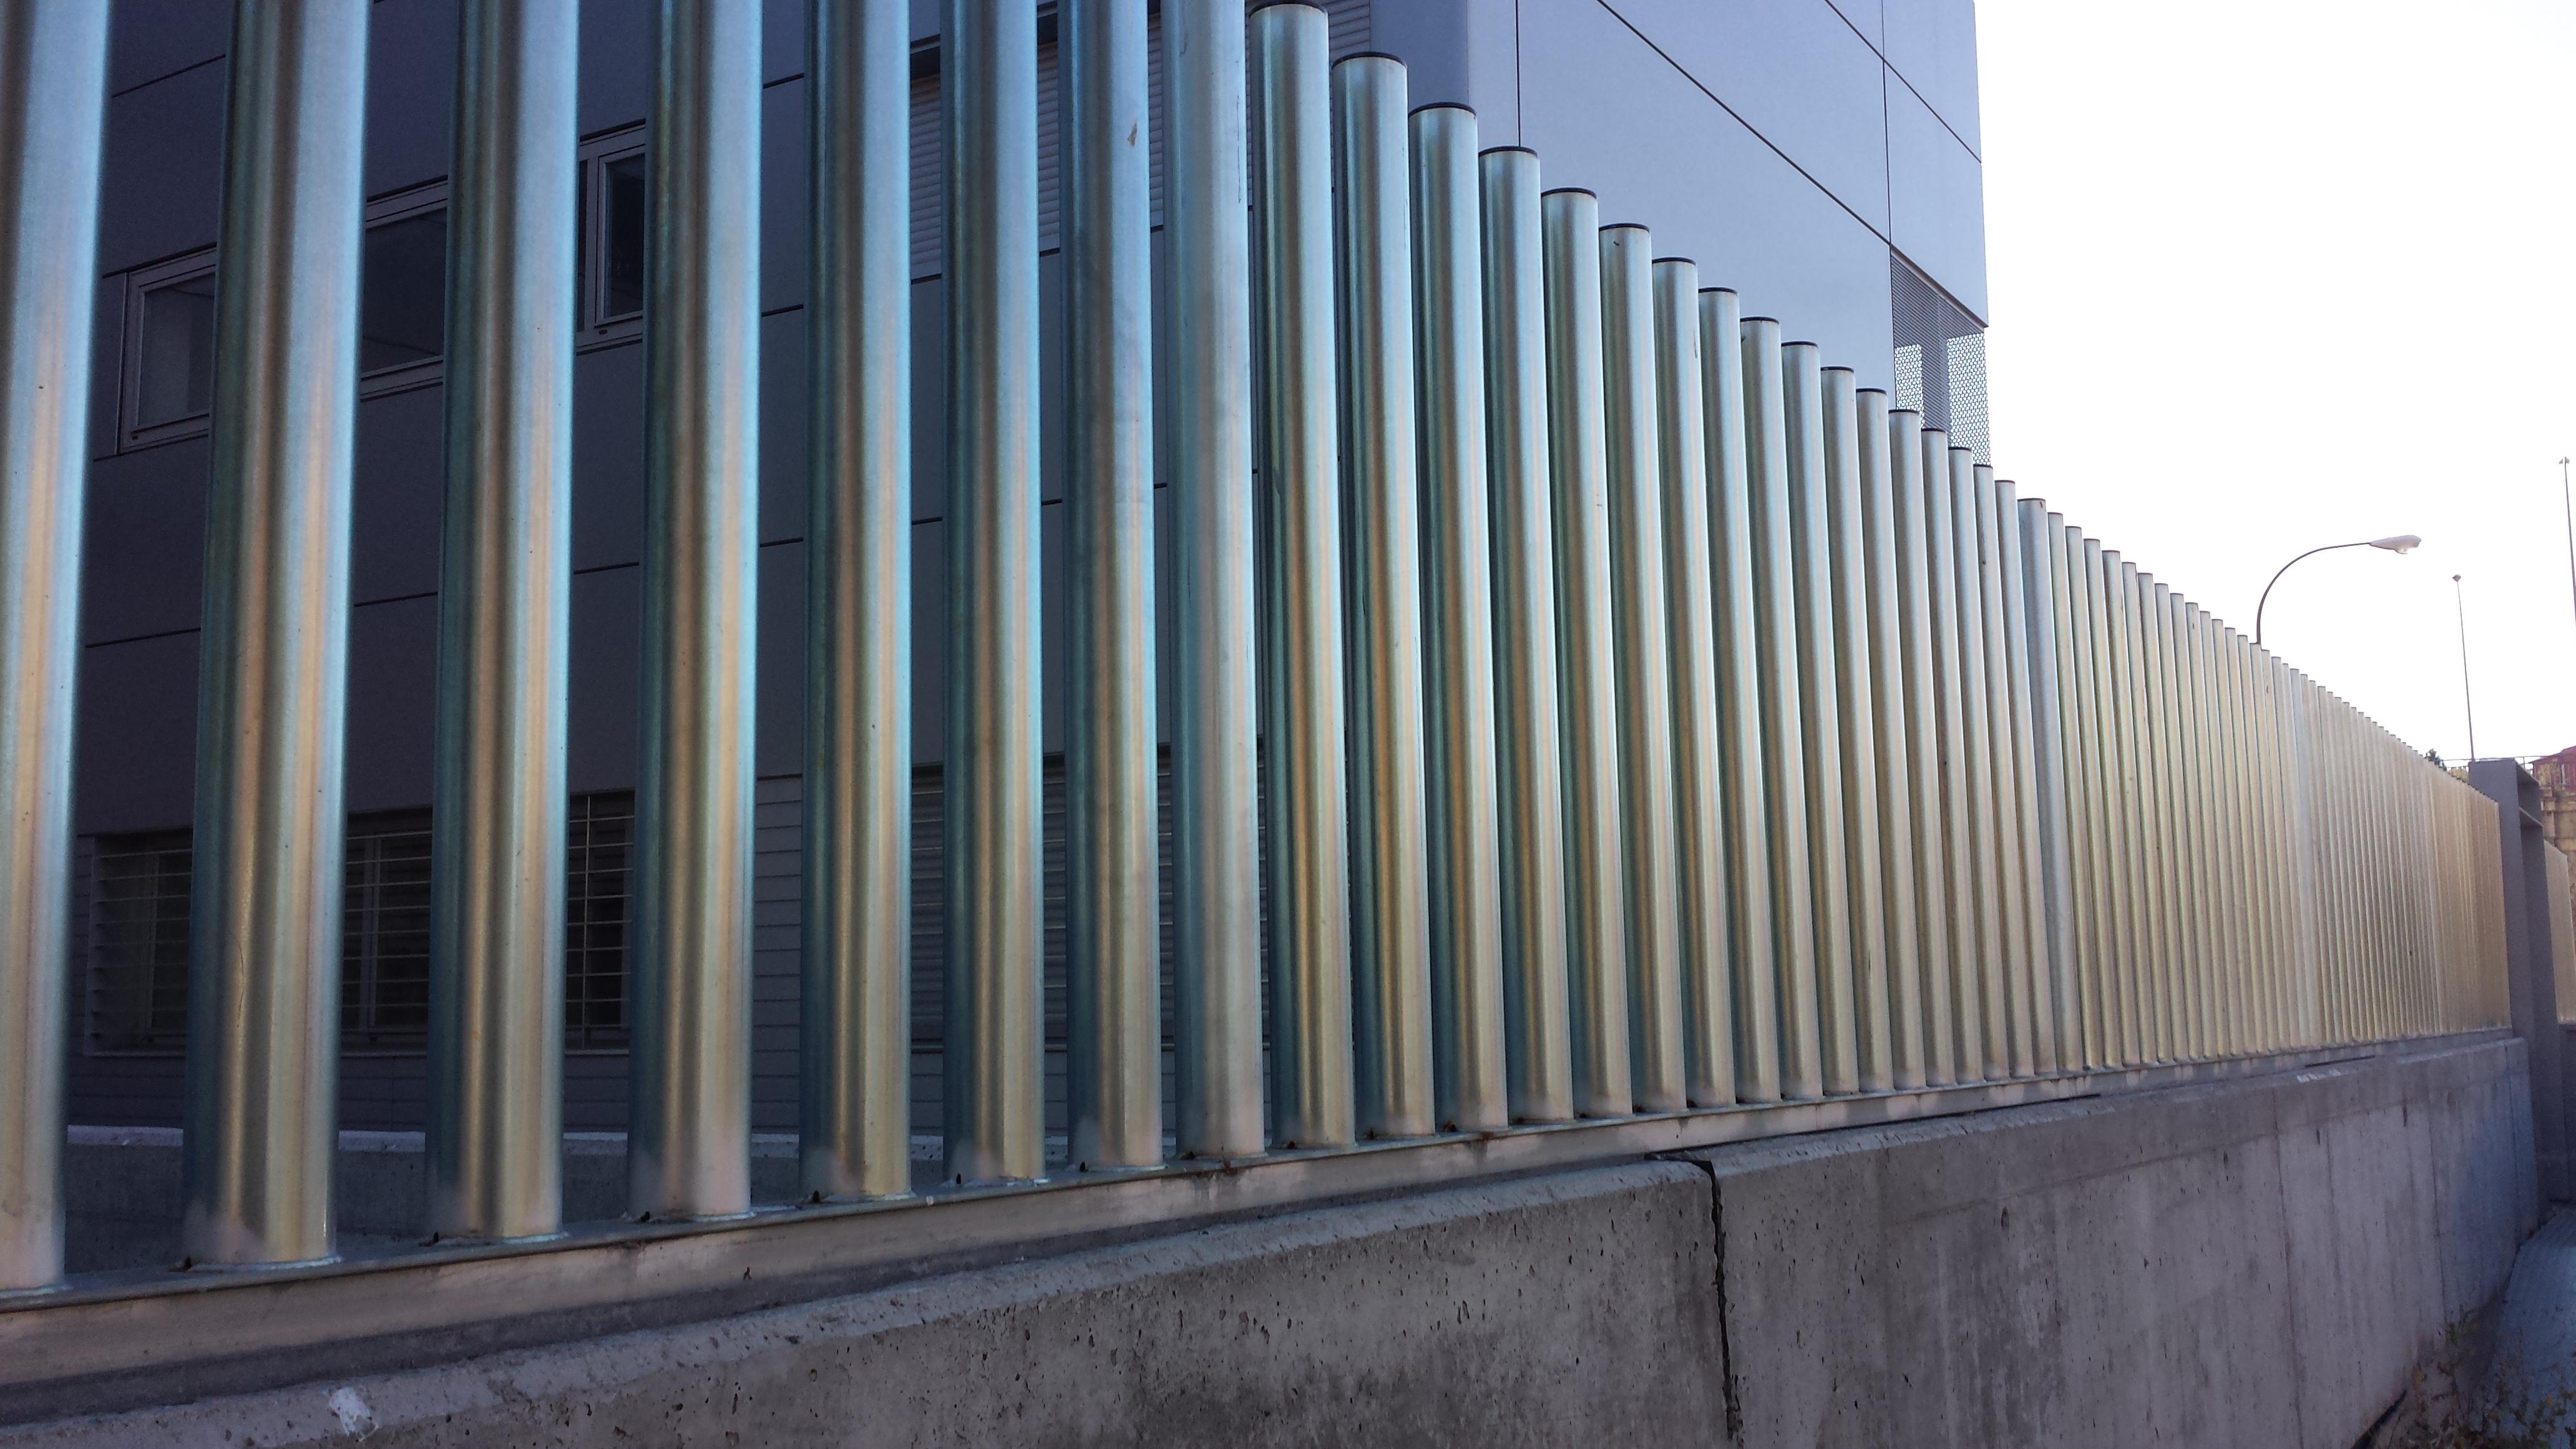 Vinuesa vallas cercados valla cercado malla metalica - Puertas de valla ...